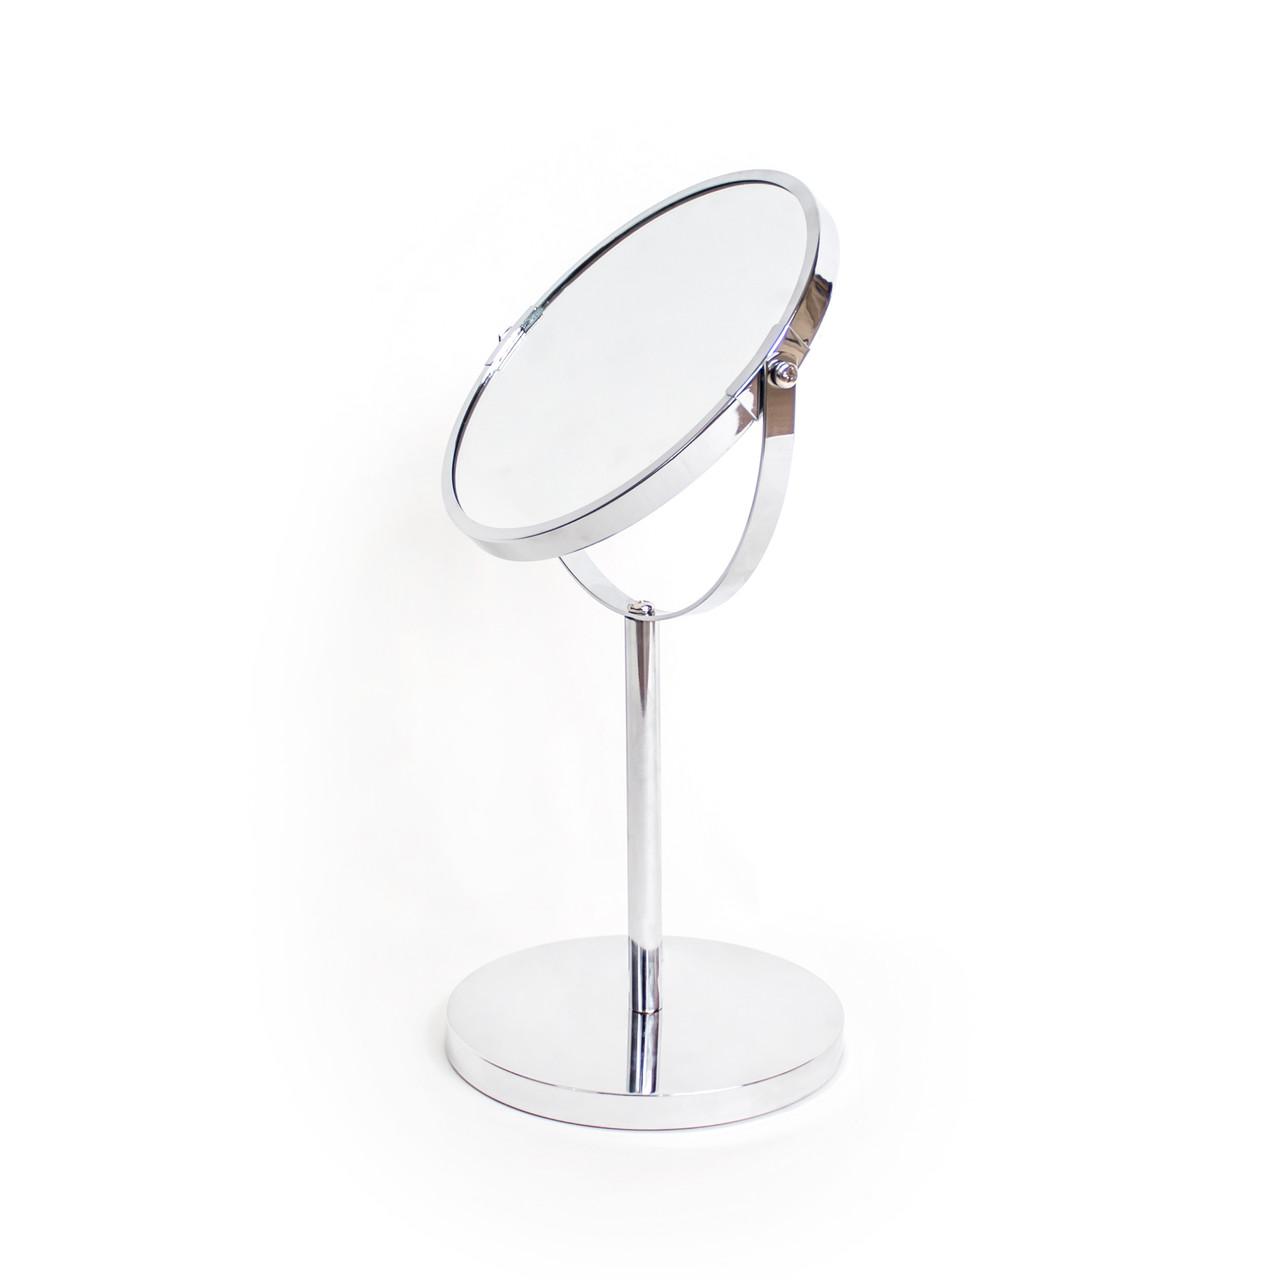 Косметическое зеркало настольное круглое, диаметр 17 см